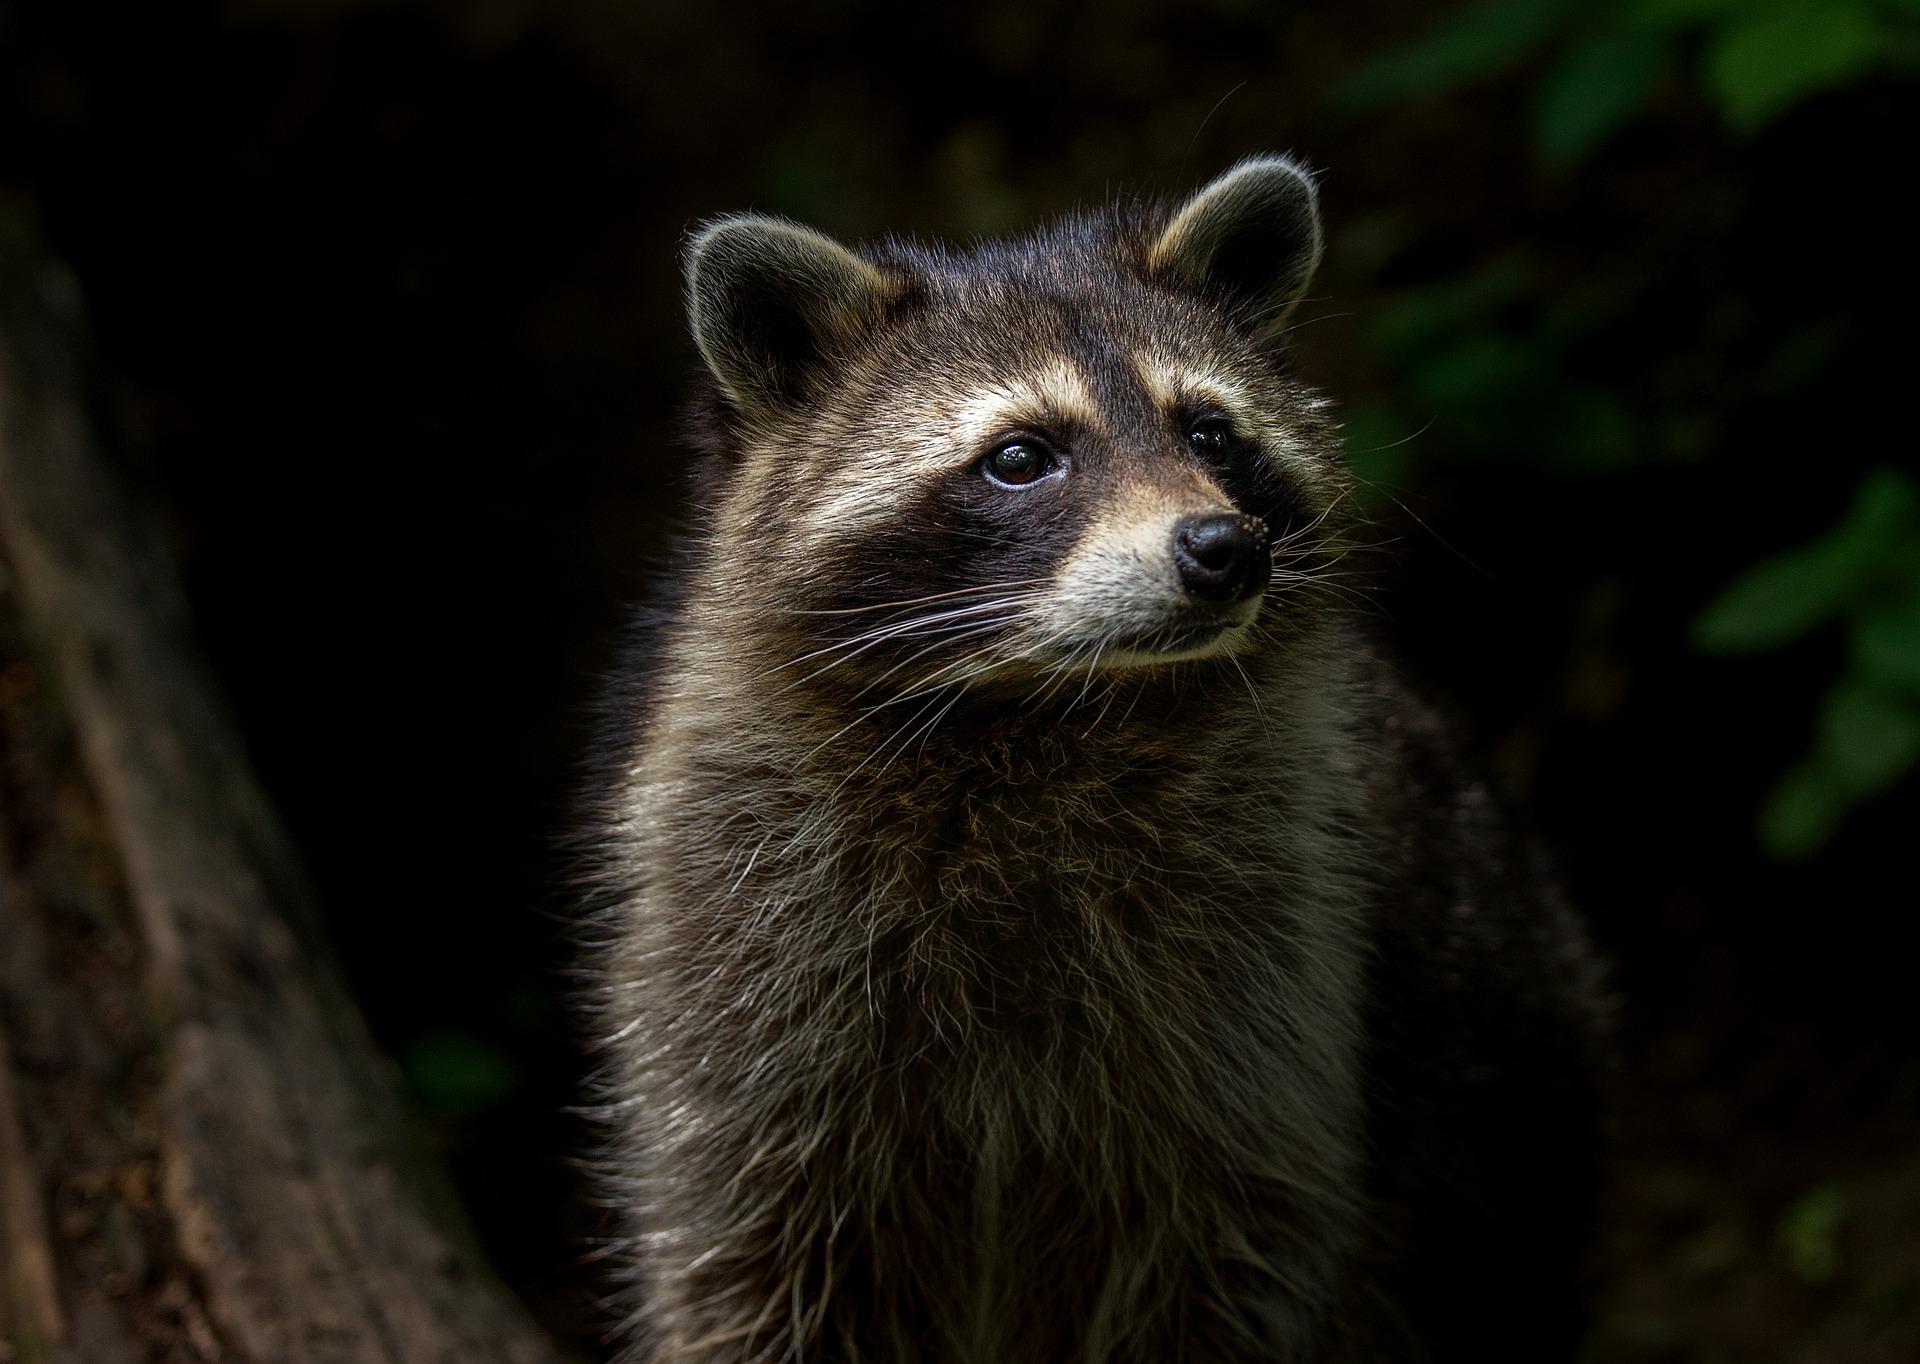 Waschbär - raccoon